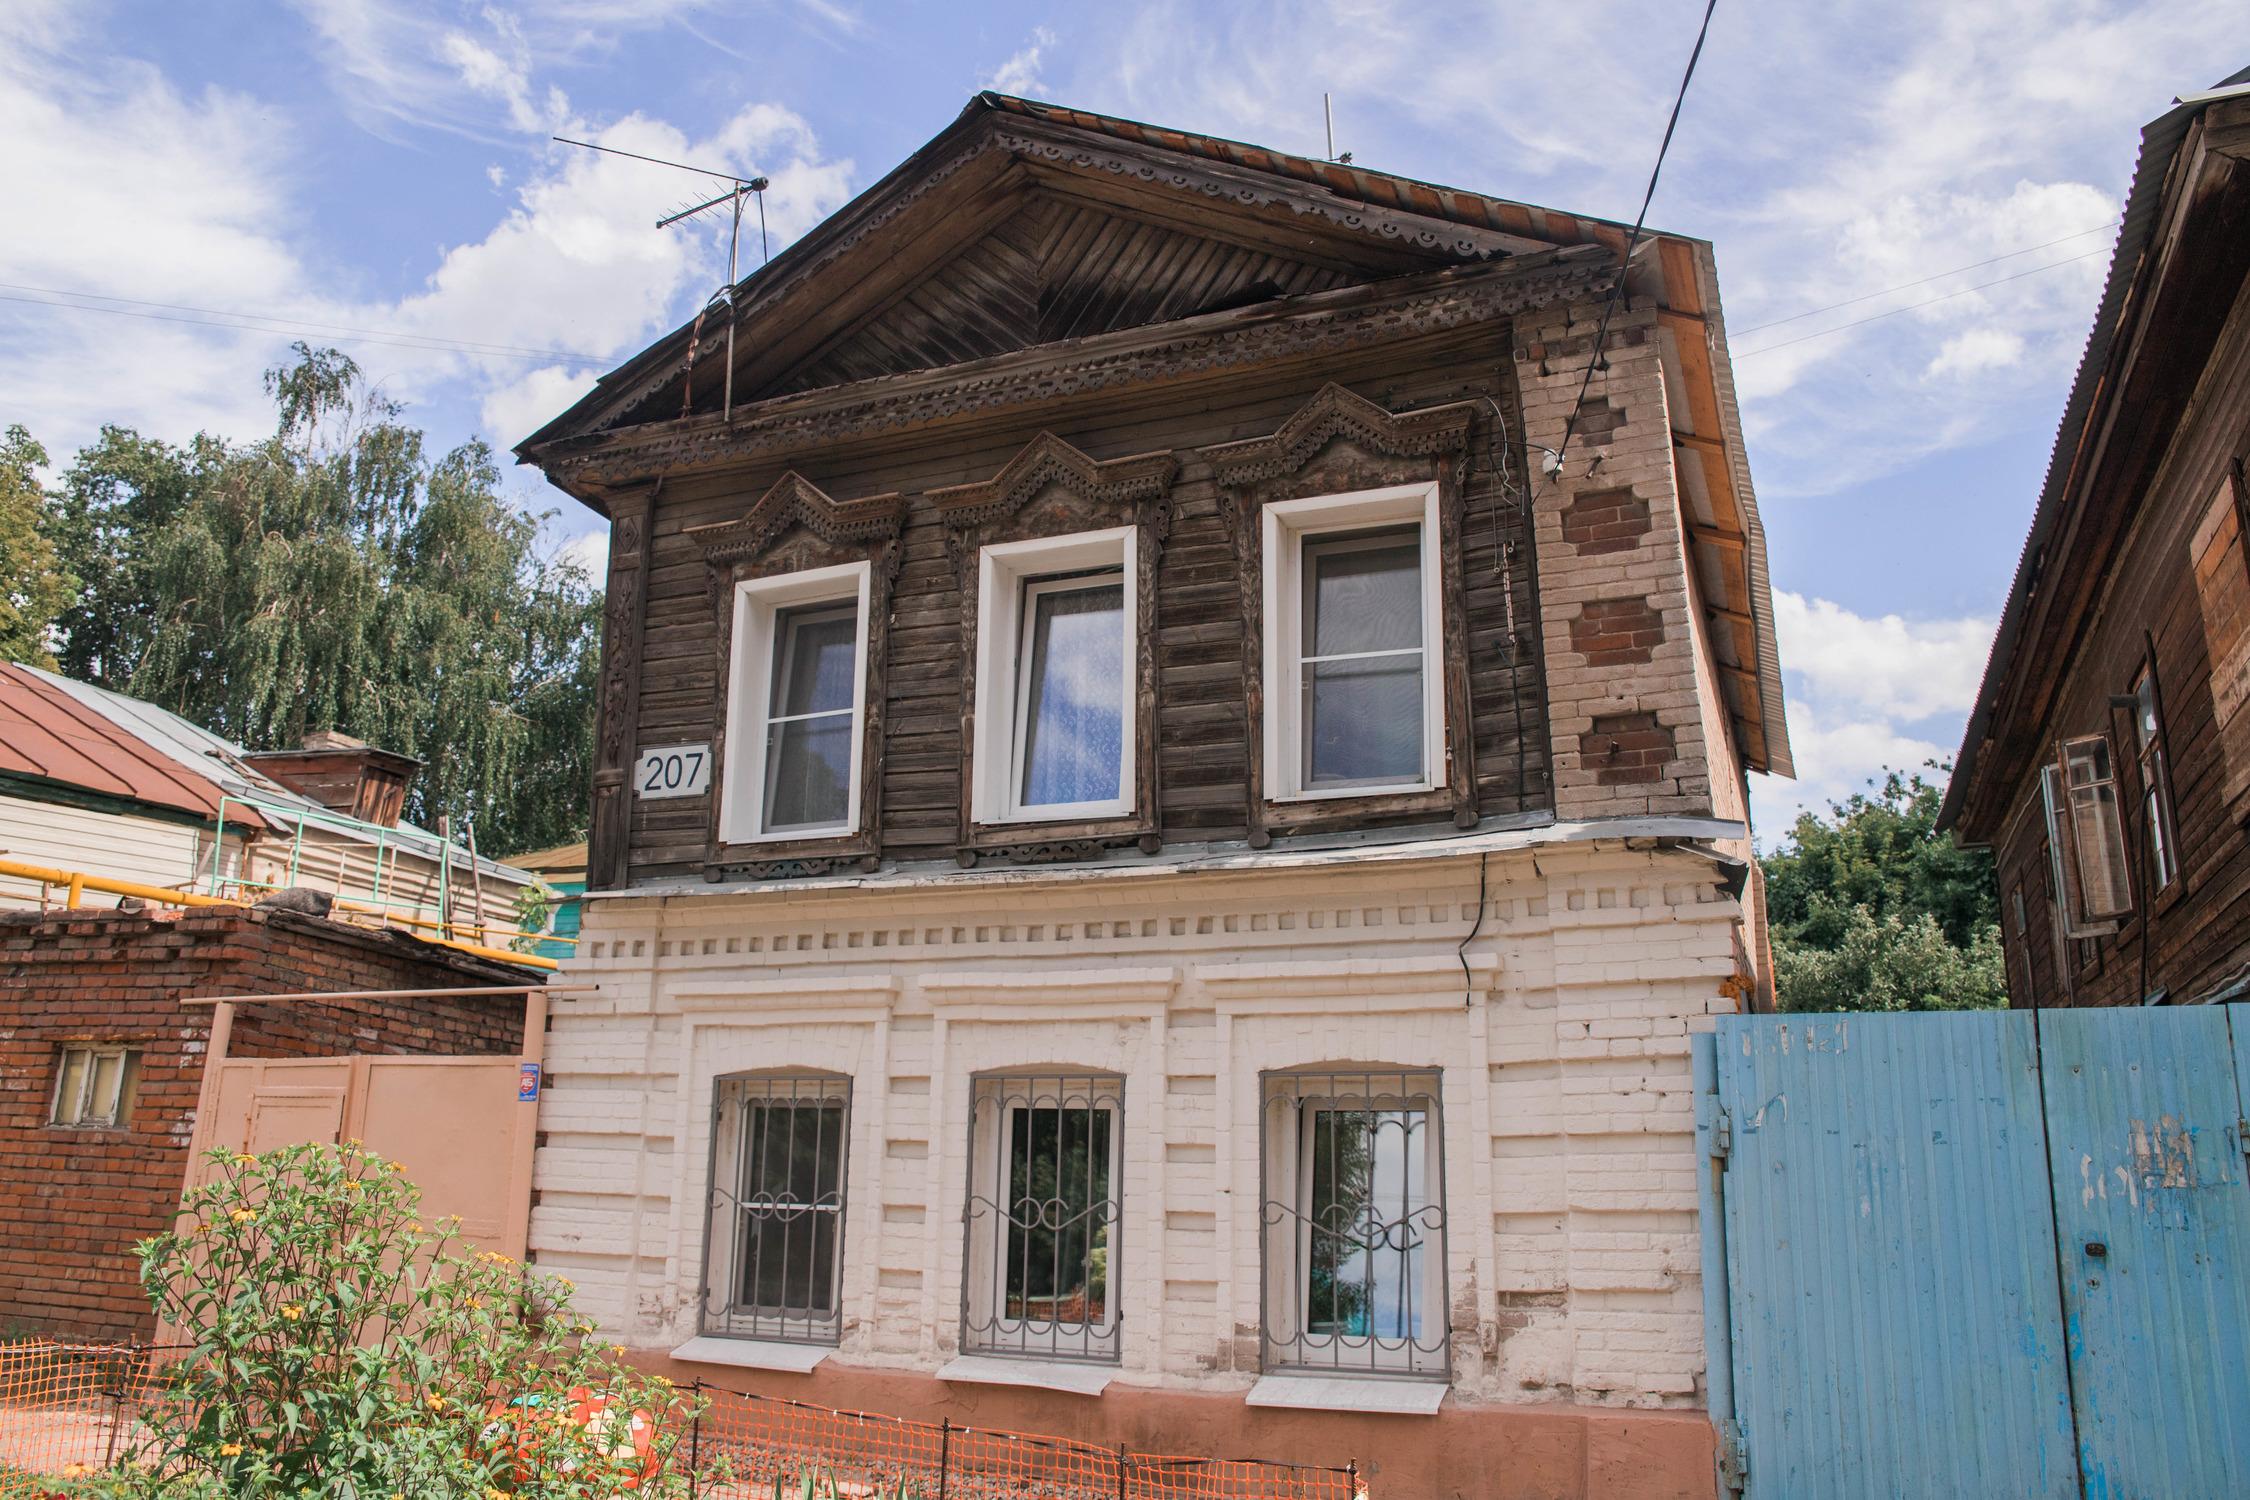 Пушкинская 207